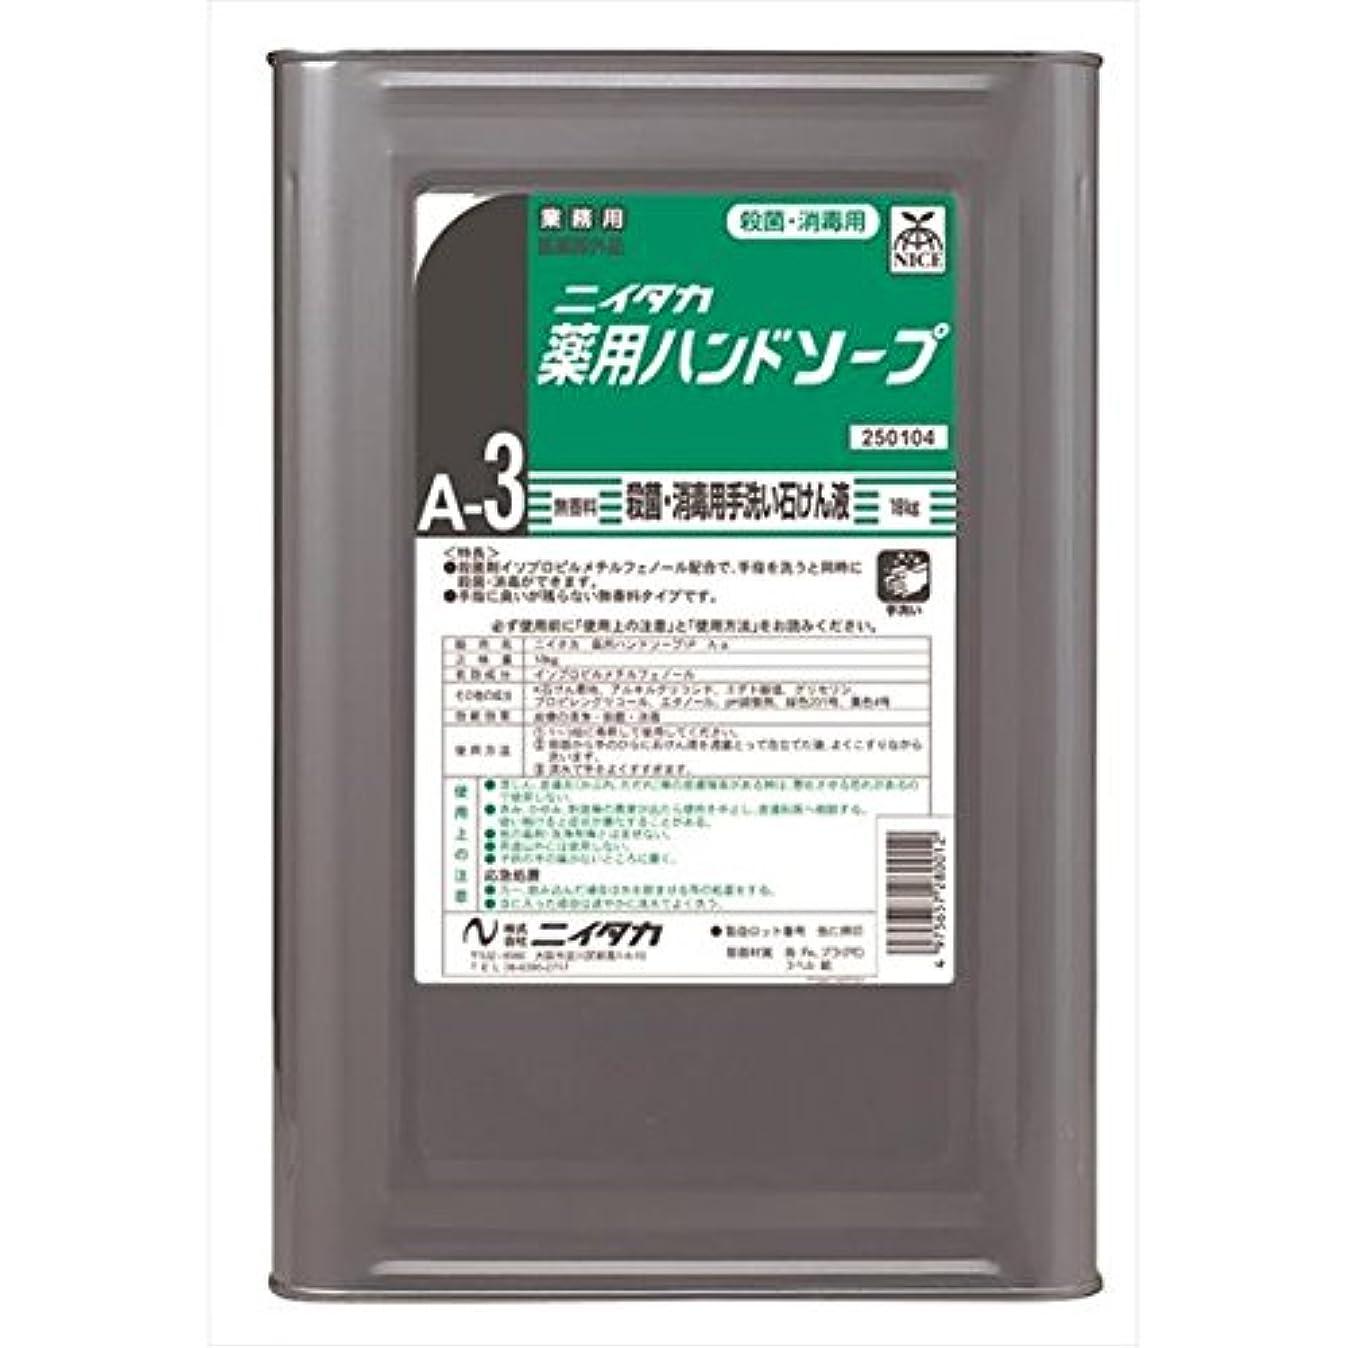 枯れるあごひげ継続中ニイタカ:薬用ハンドソープ(A-3) 18kg 250104